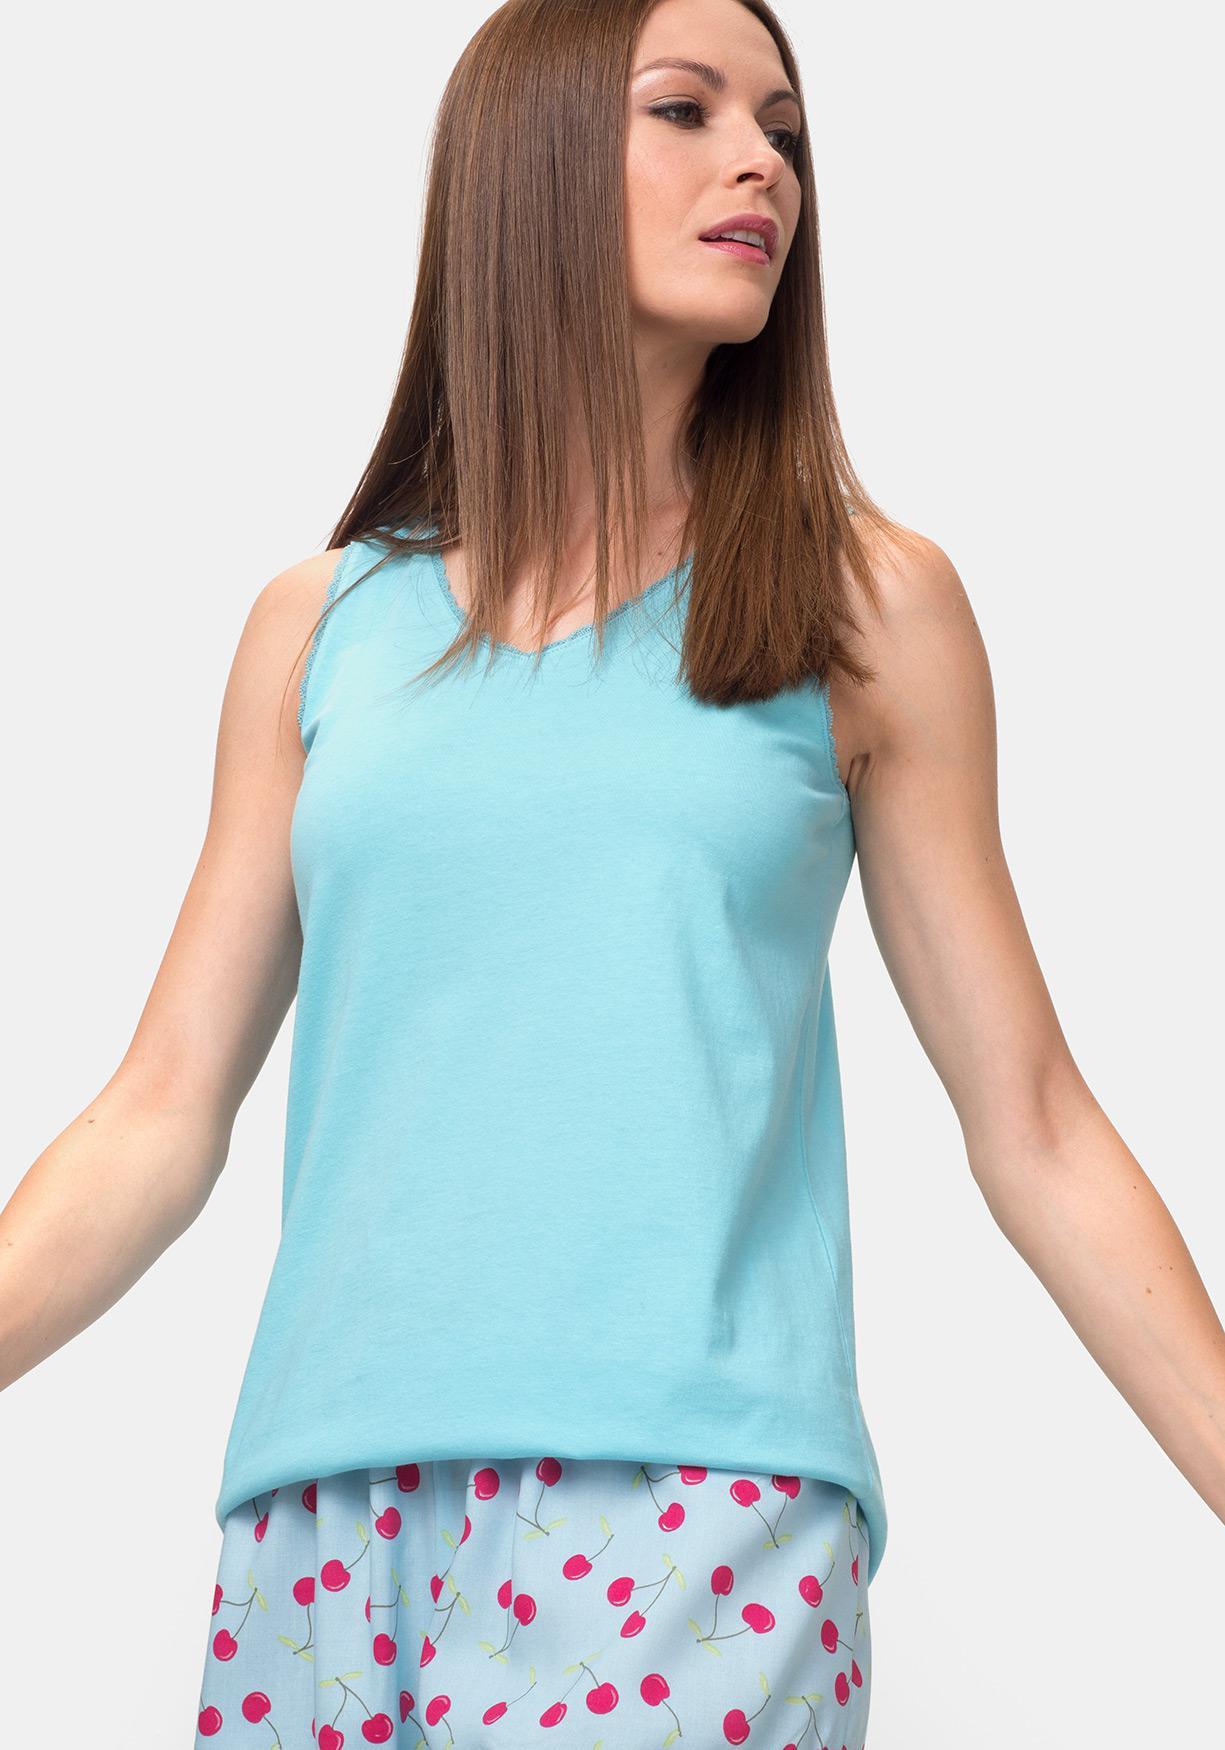 92d311ec28 Comprar Camiseta de lencería TEX. ¡Aprovéchate de nuestros precios y ...